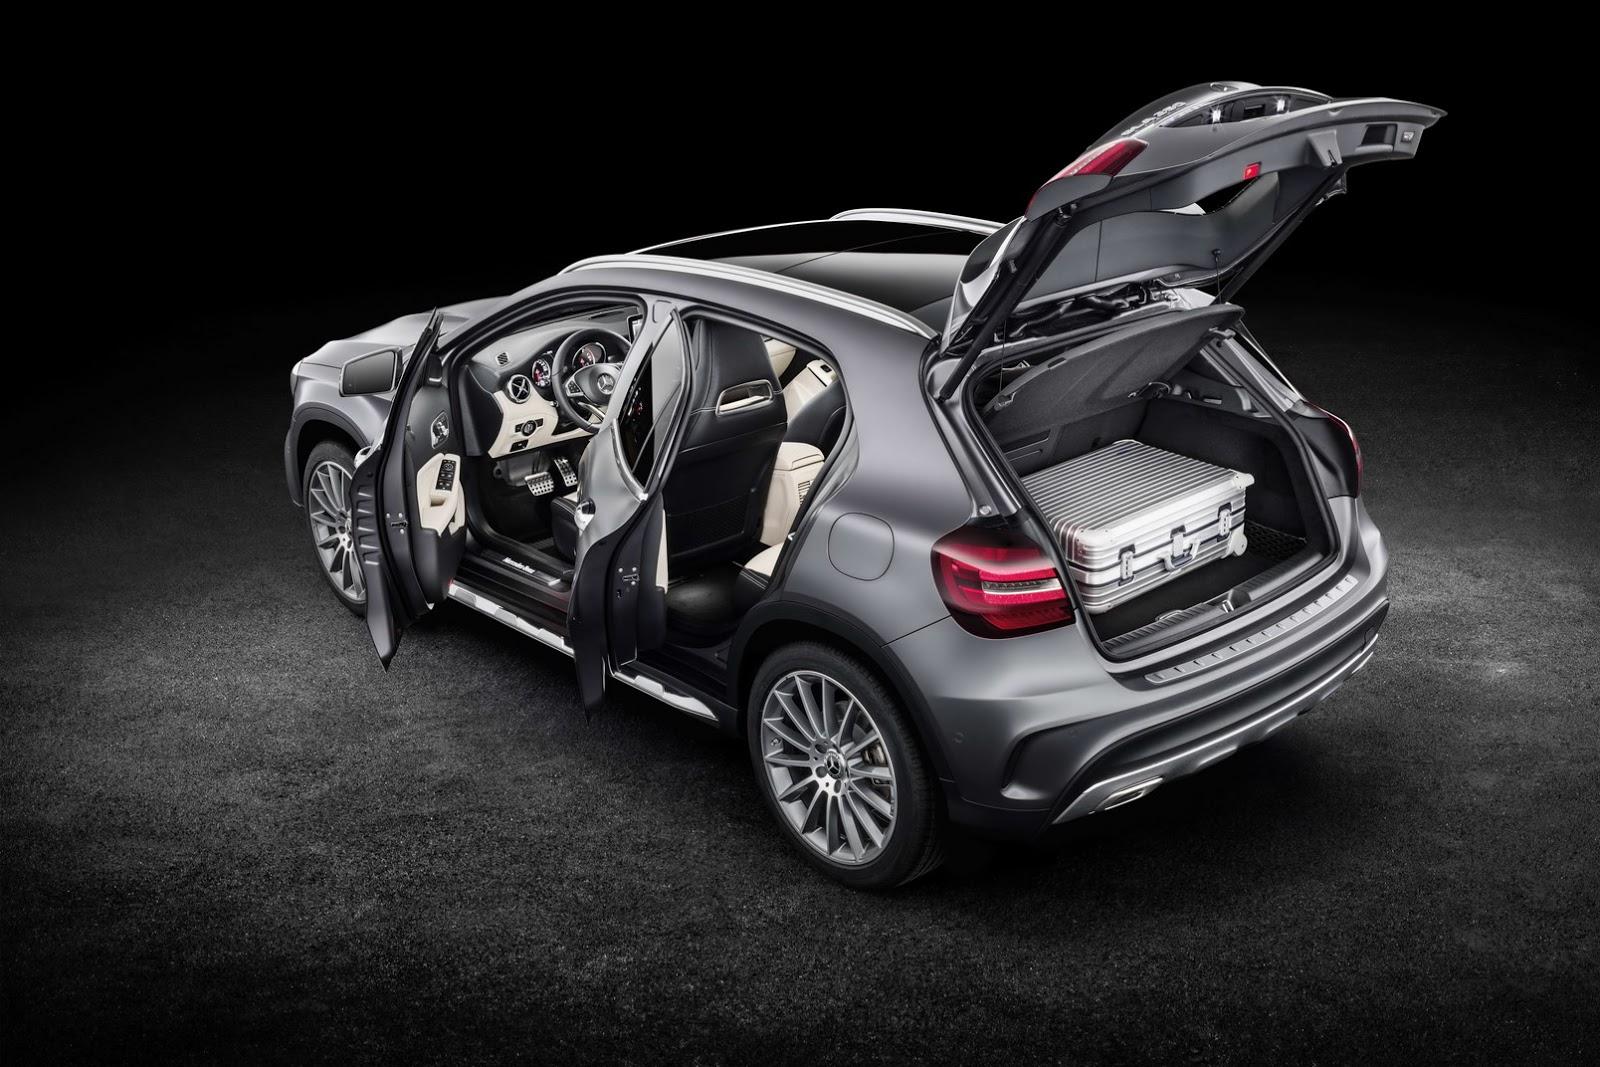 Mercedes GLA facelift and GLA 45 AMG facelift 2017 (57)